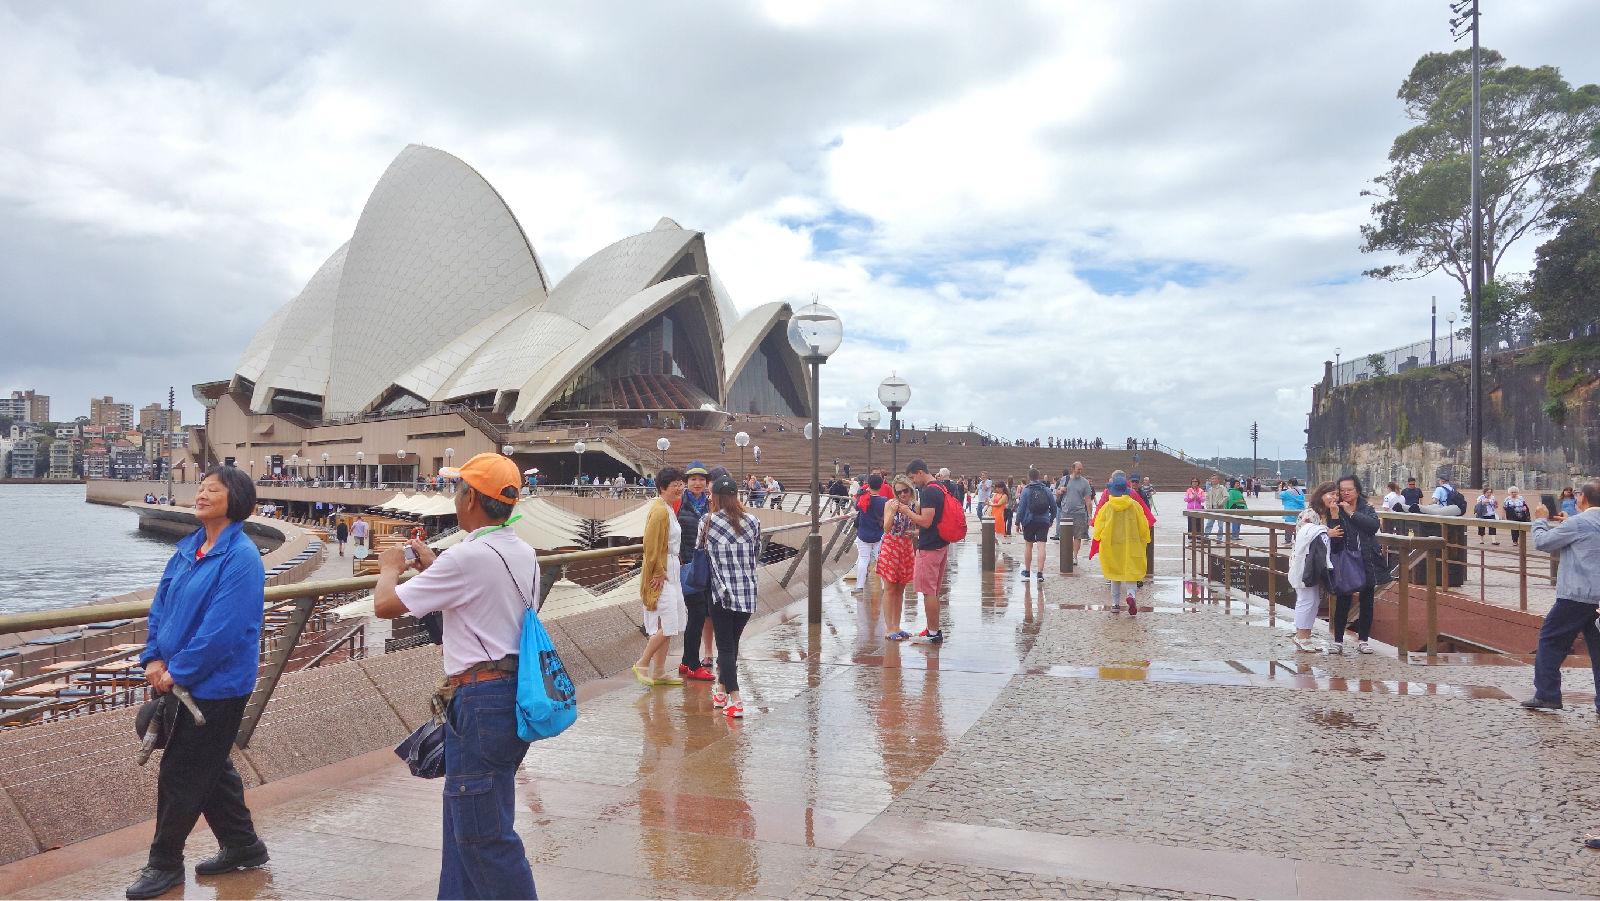 澳大利亚旅游攻略图片460